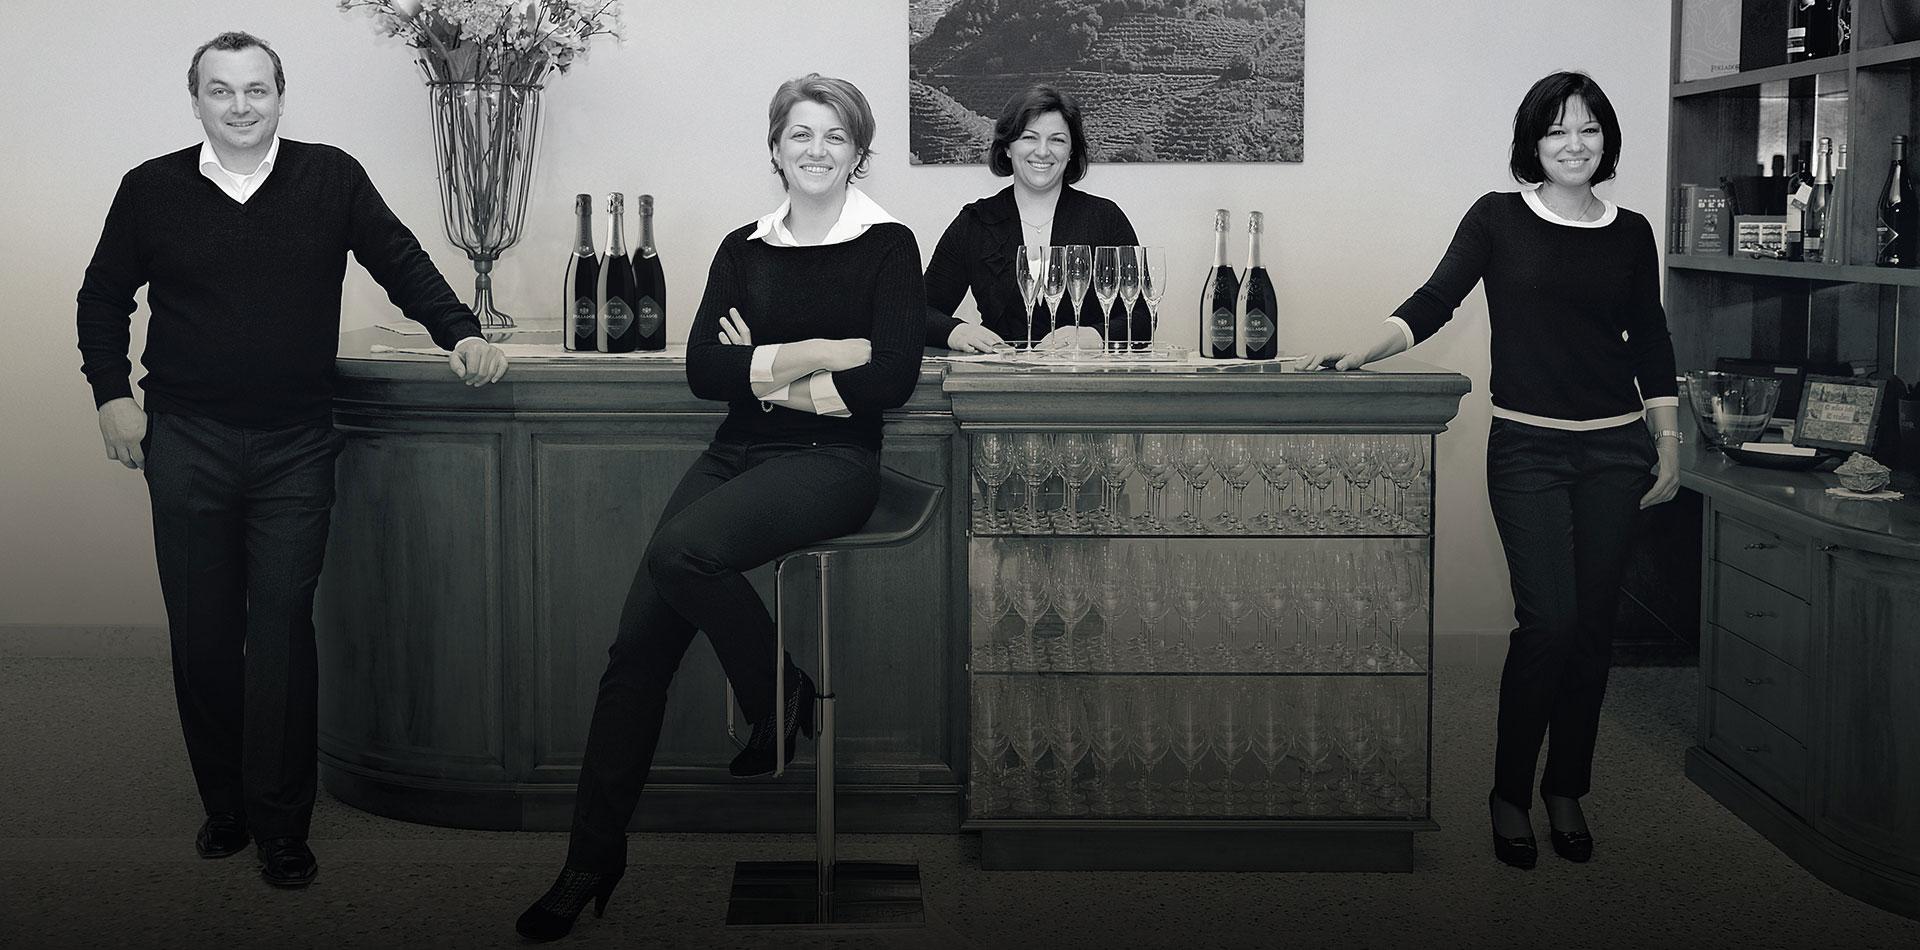 Mayor tienda online de vinos de Bodega Azienda Vinícola Follador